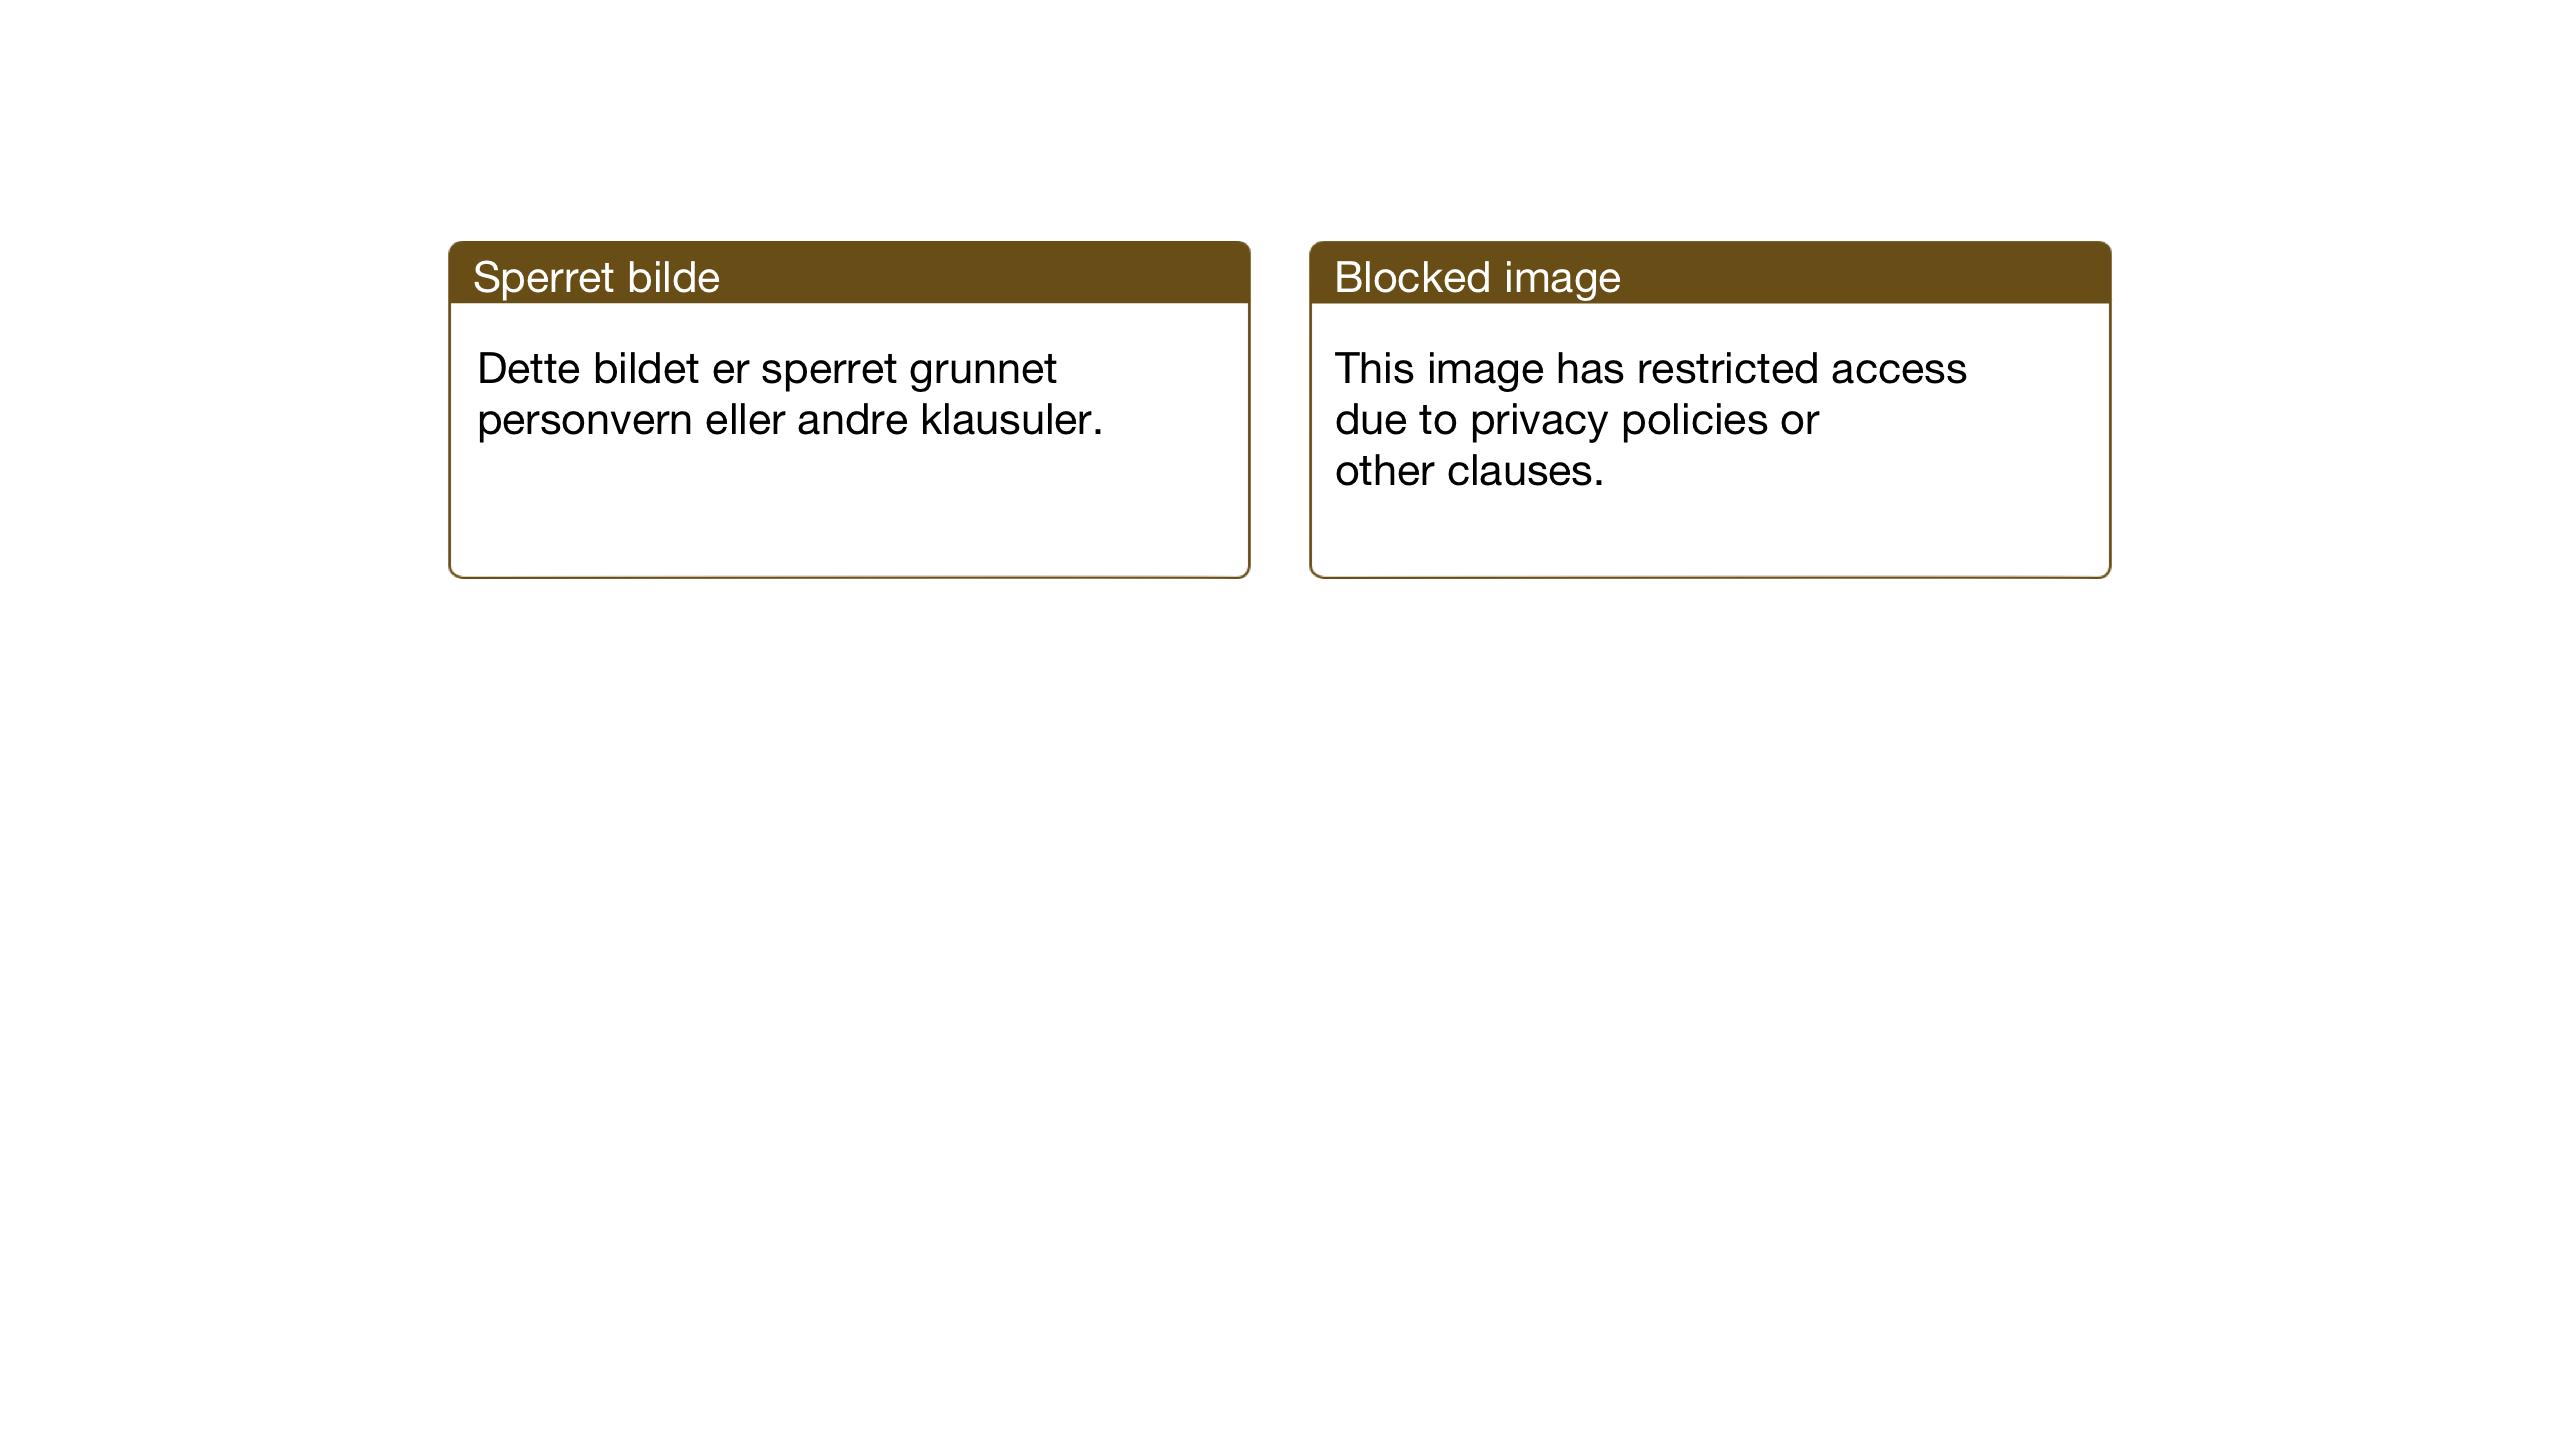 SAT, Ministerialprotokoller, klokkerbøker og fødselsregistre - Sør-Trøndelag, 618/L0454: Klokkerbok nr. 618C05, 1926-1946, s. 151